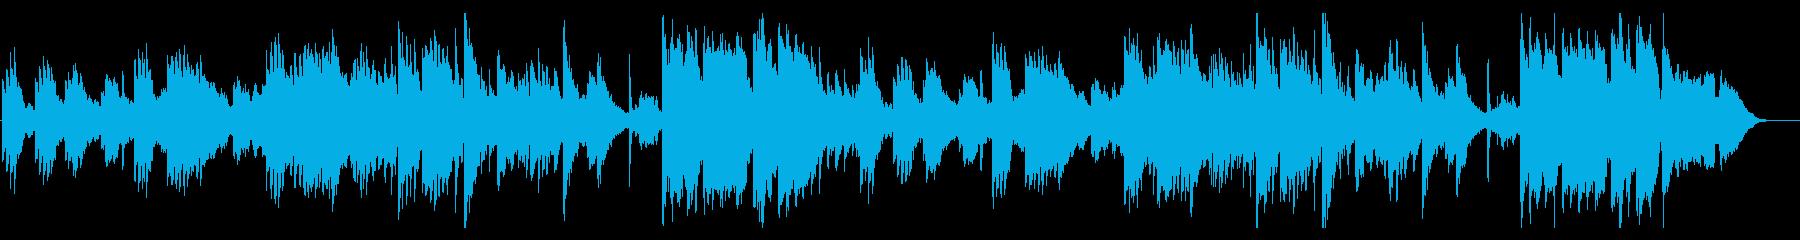 夕焼け空・雄大なノスタルジックピアノの再生済みの波形